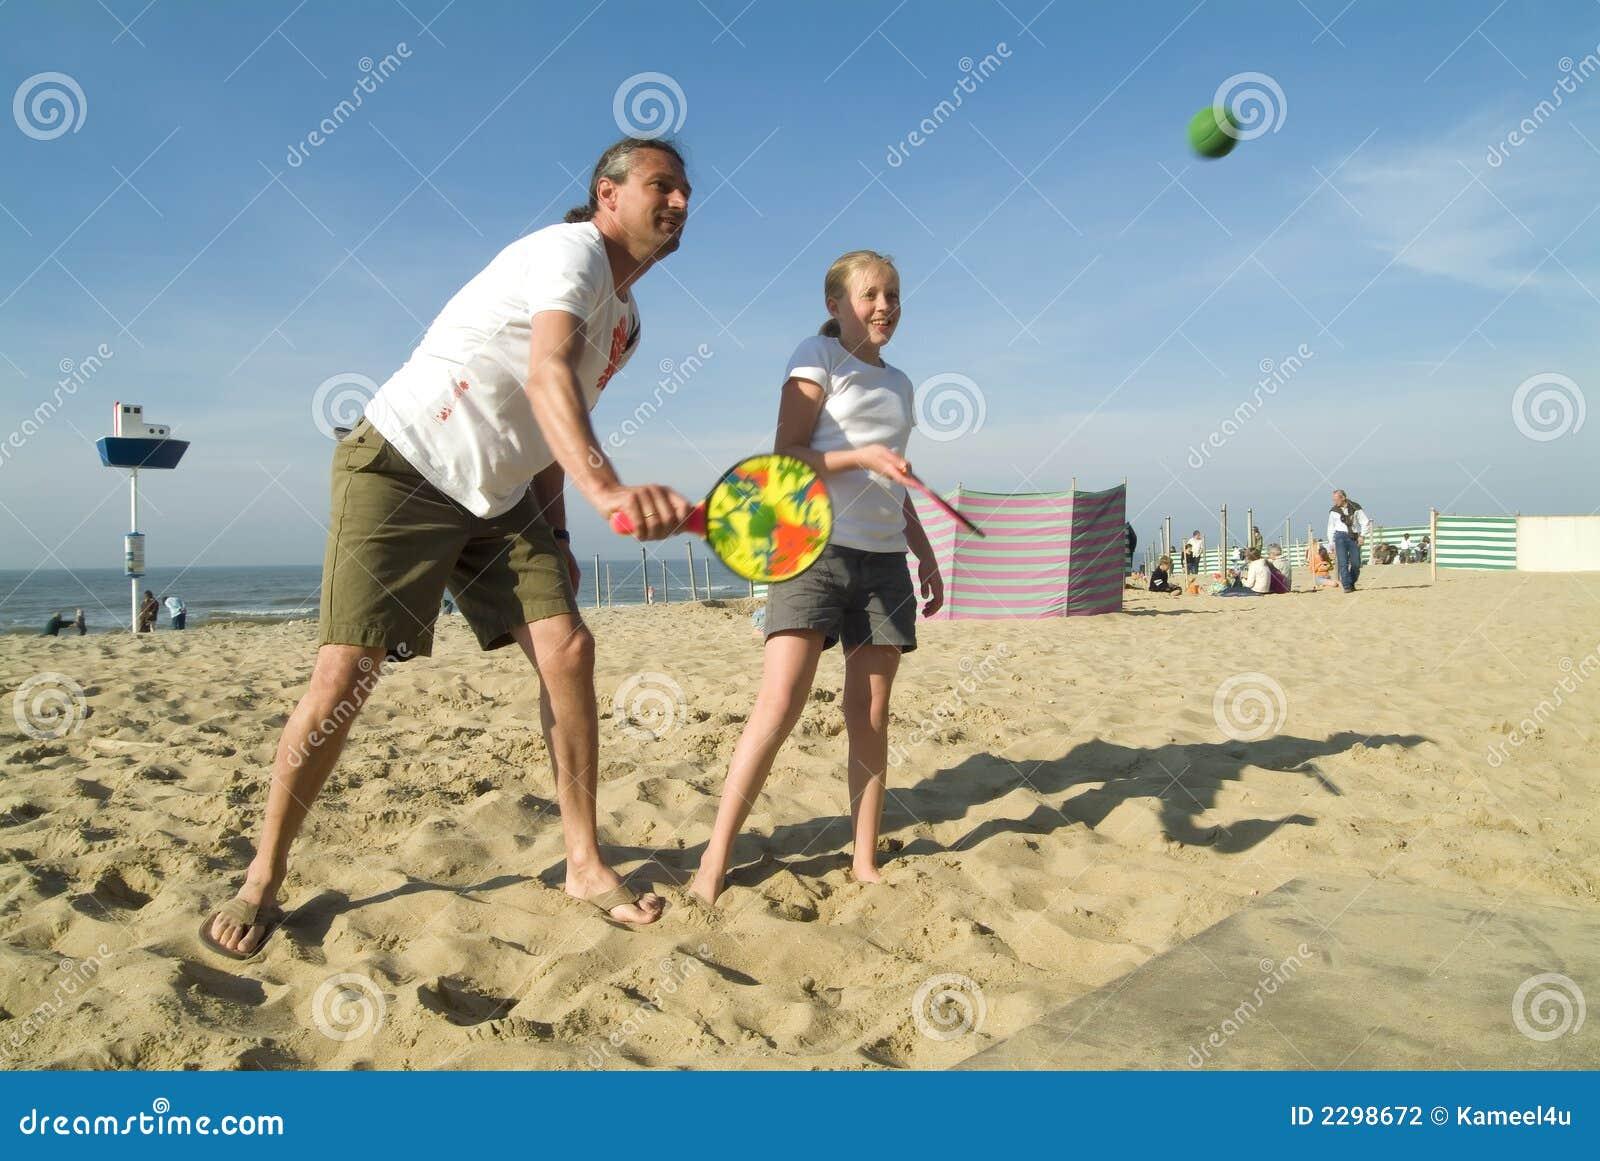 Jugar a un juego de bola